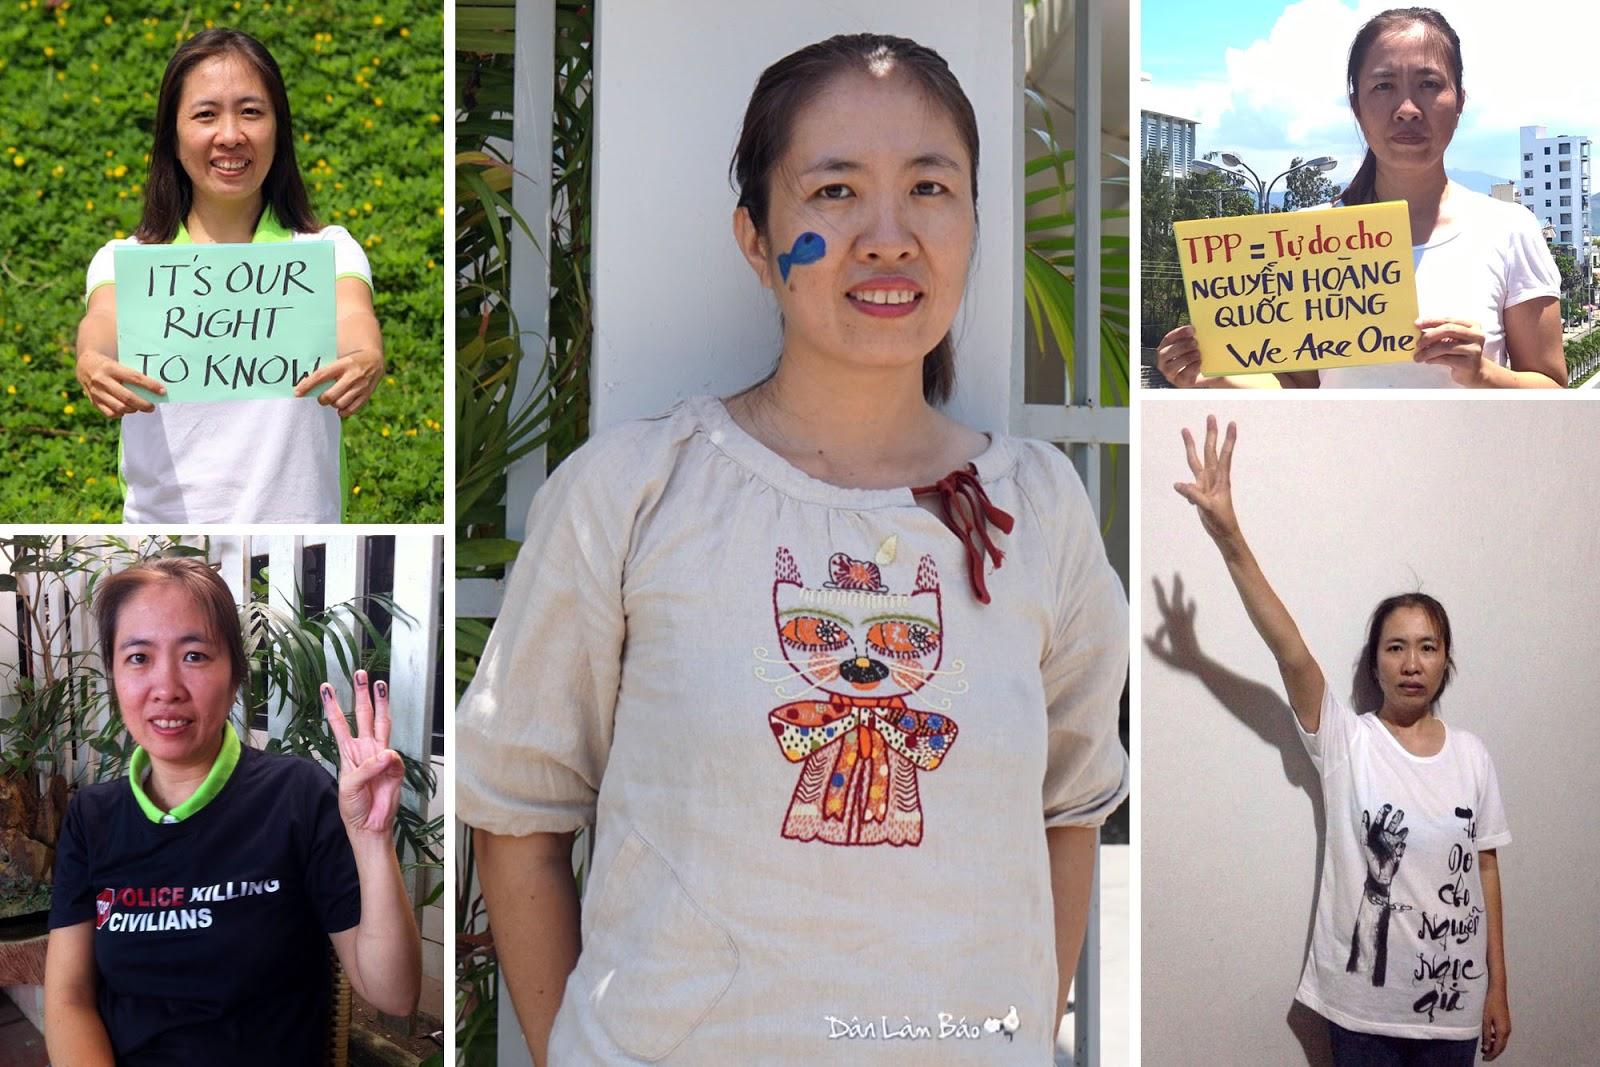 Blogger Mẹ Nấm ngưng tuyệt thực sau chuyến thăm của Tòa Đại Sứ Hoa Kỳ